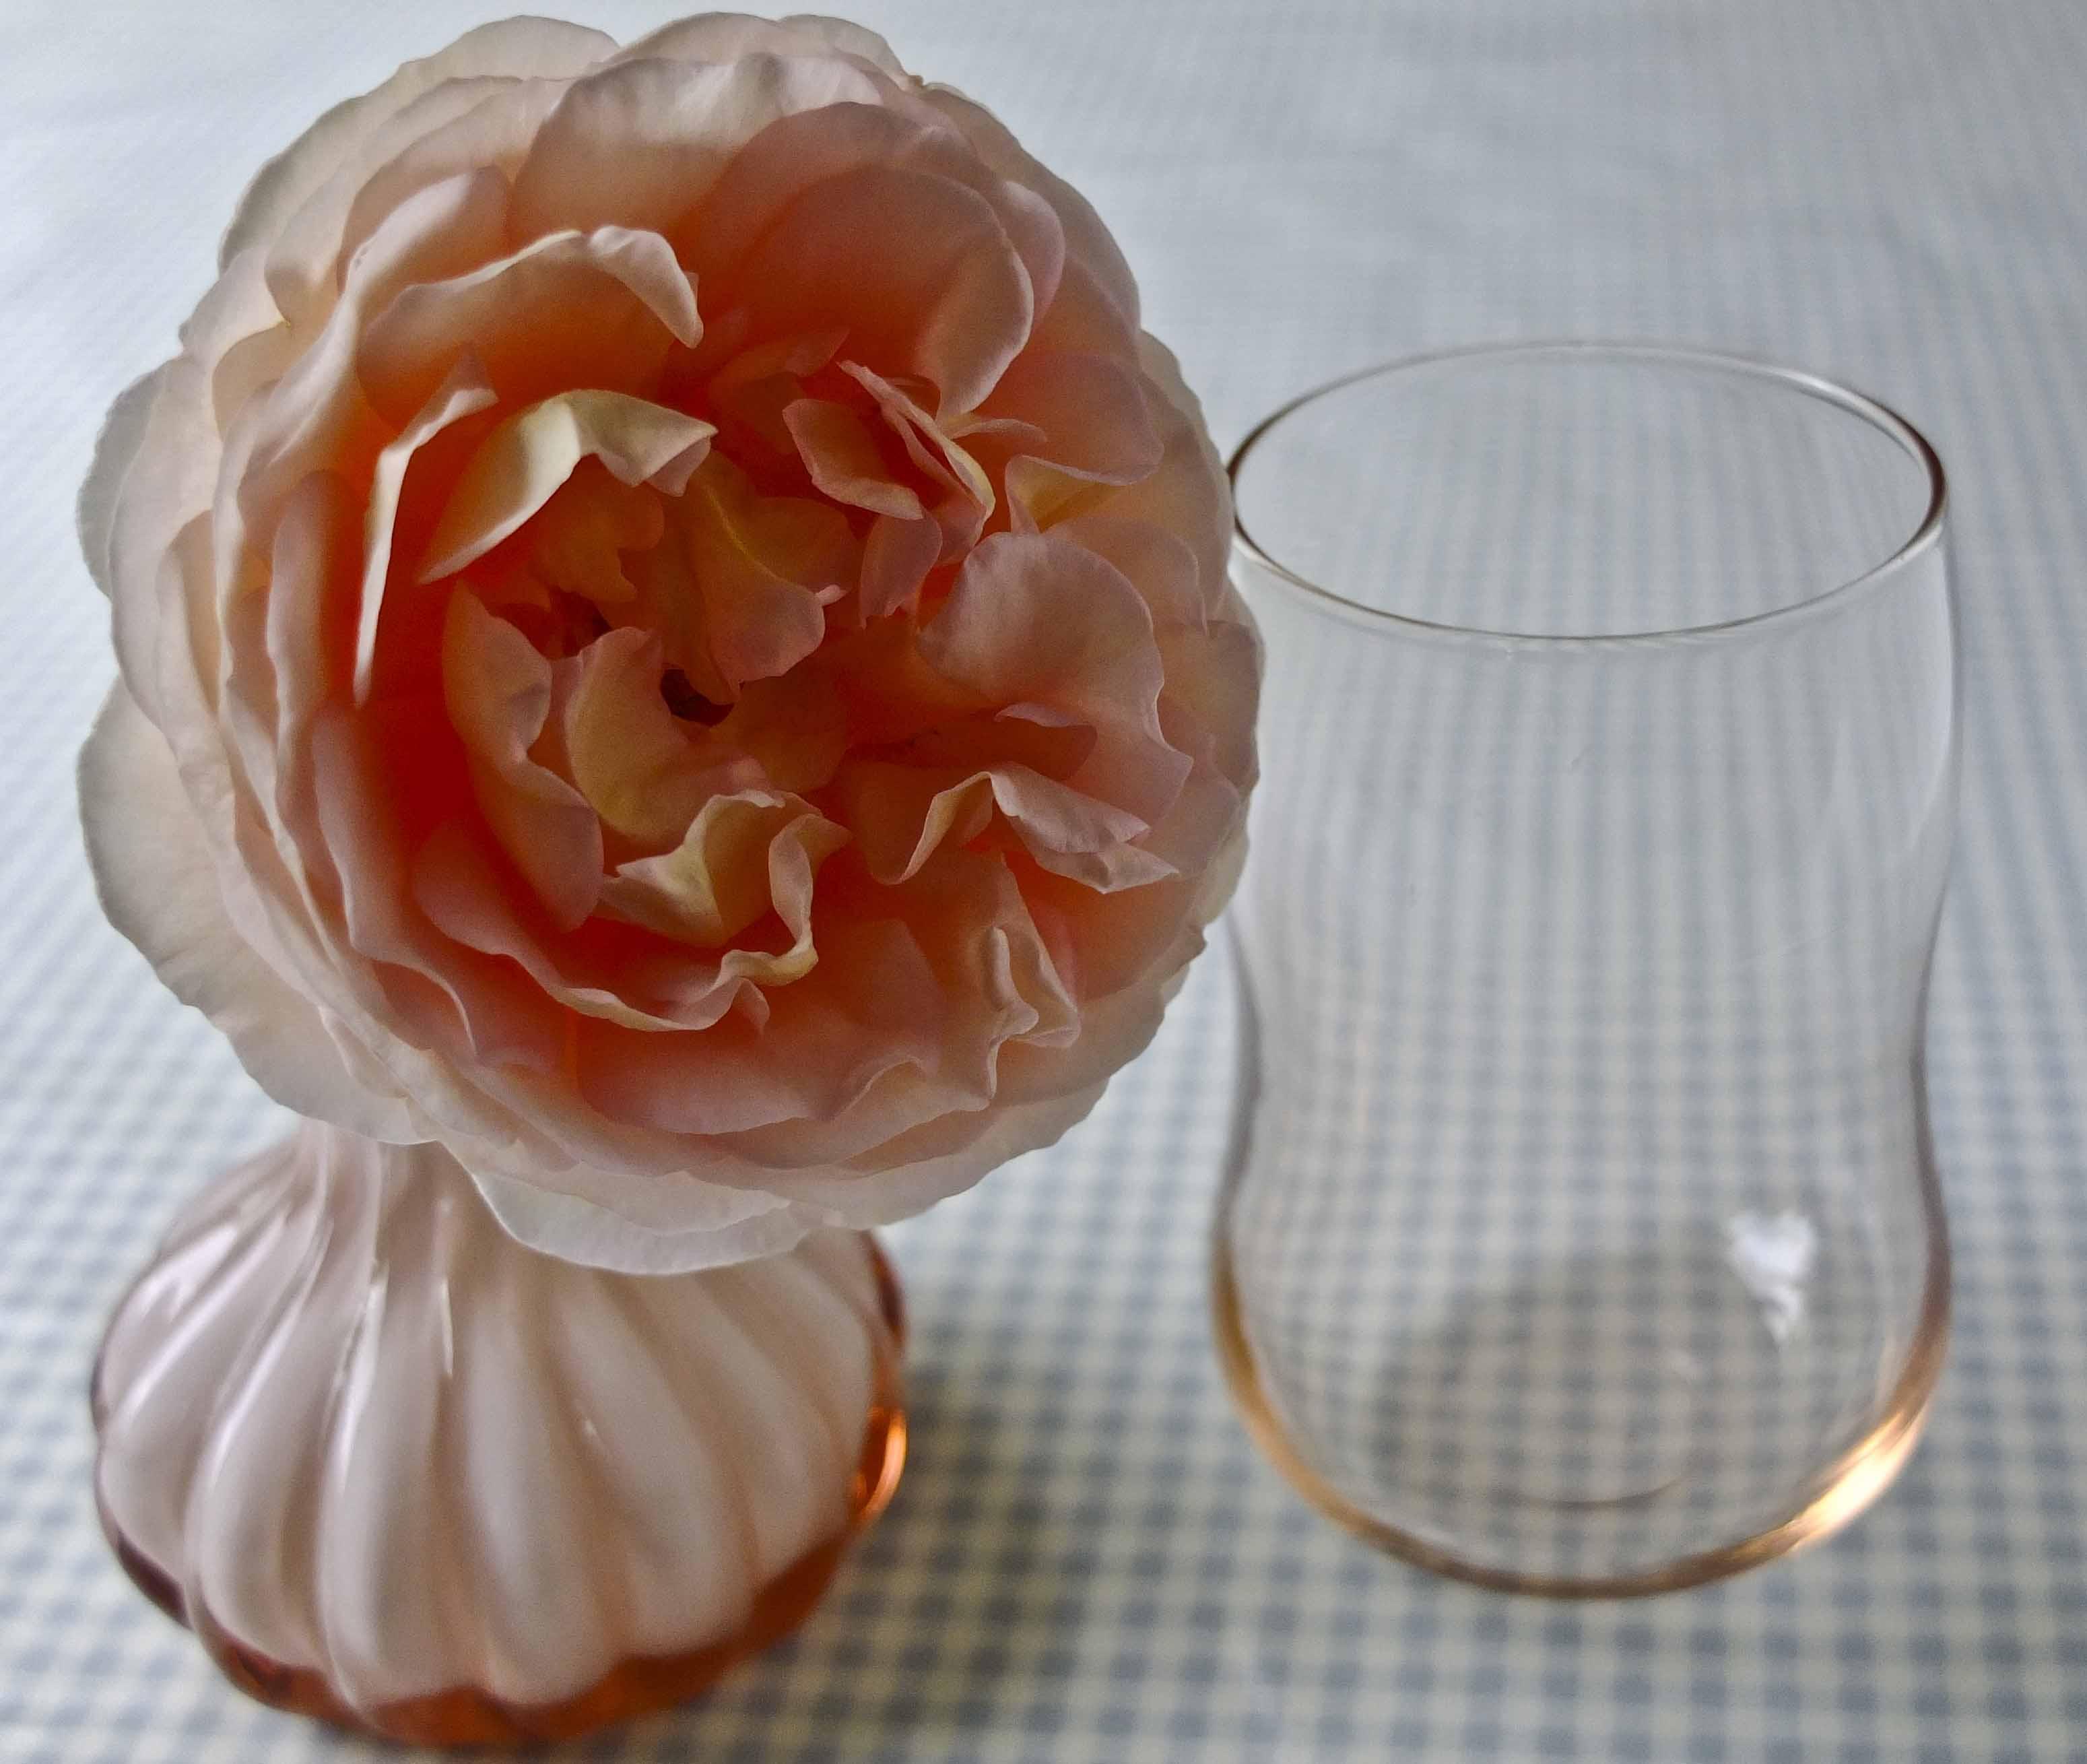 Abraham Darby rose. Fantastiske roser på svake stilker.